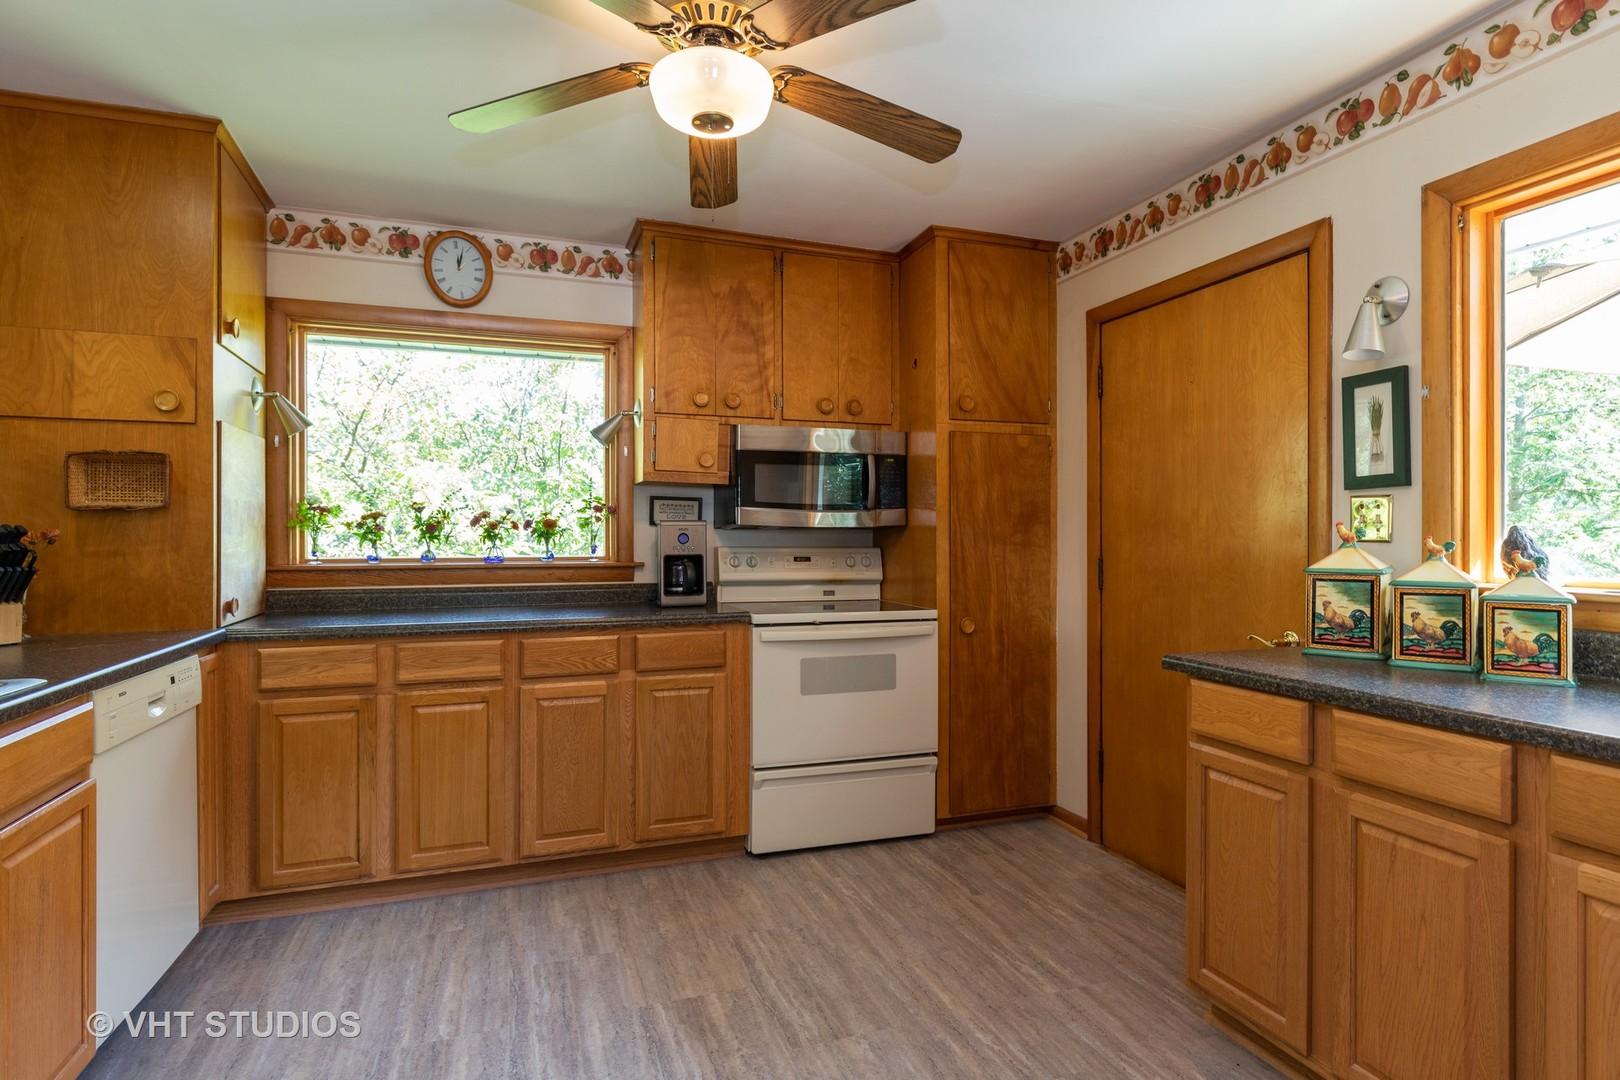 324 WOODLAND, Grayslake, Illinois, 60030